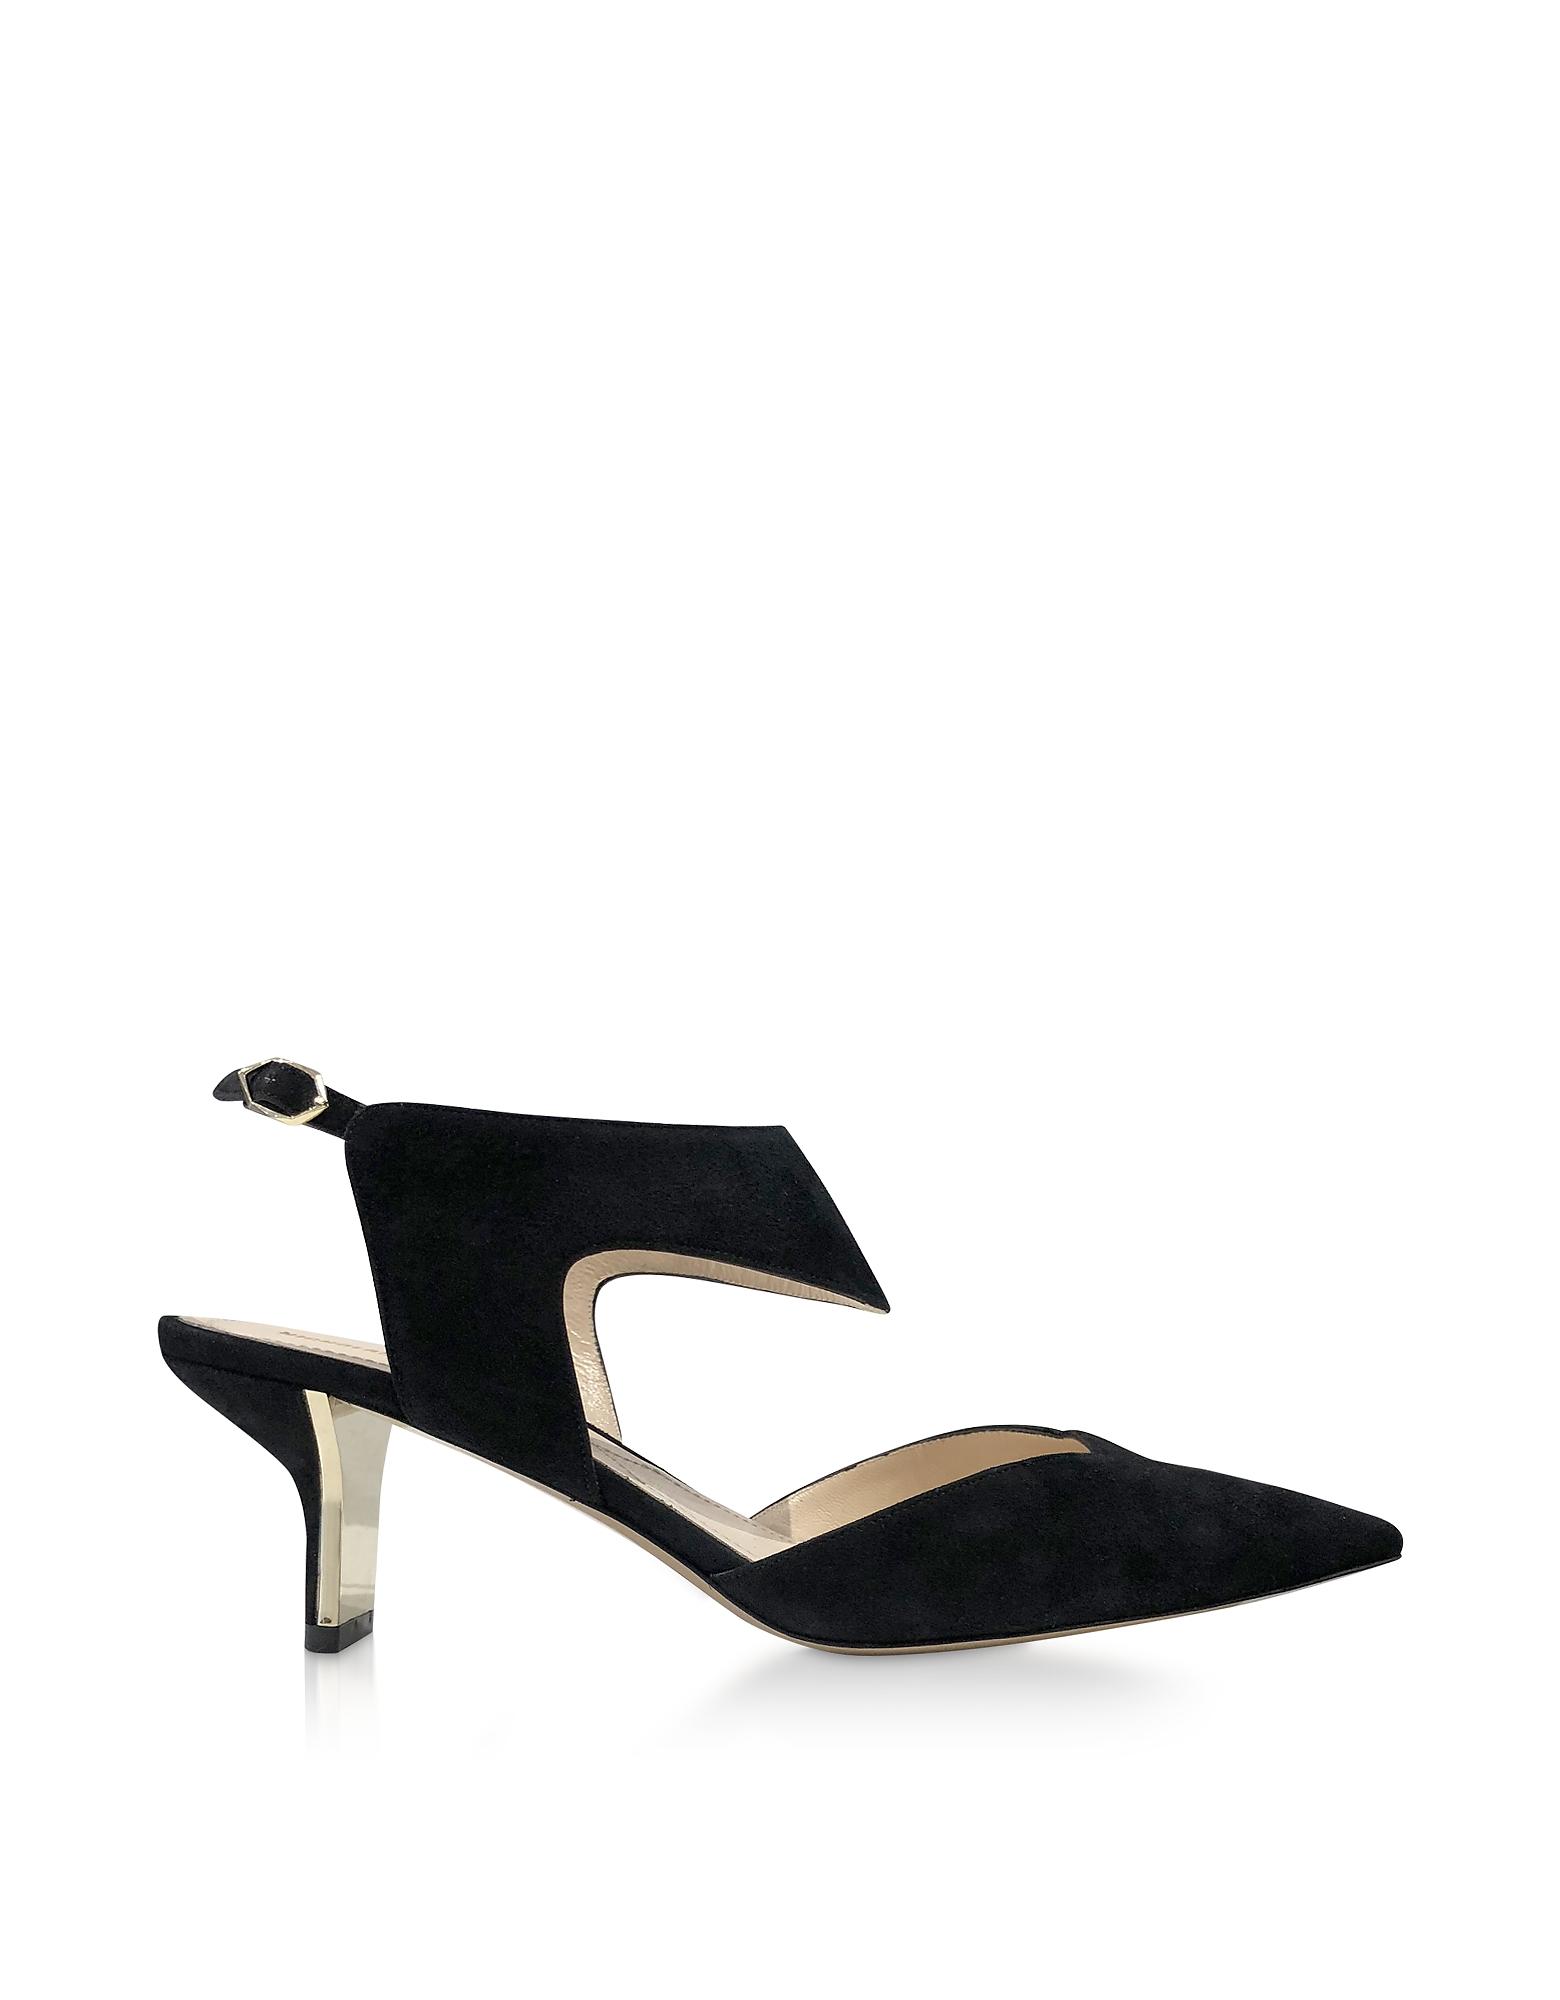 Nicholas Kirkwood Designer Shoes, Black Suede 60mm Leeloo Sling Pumps